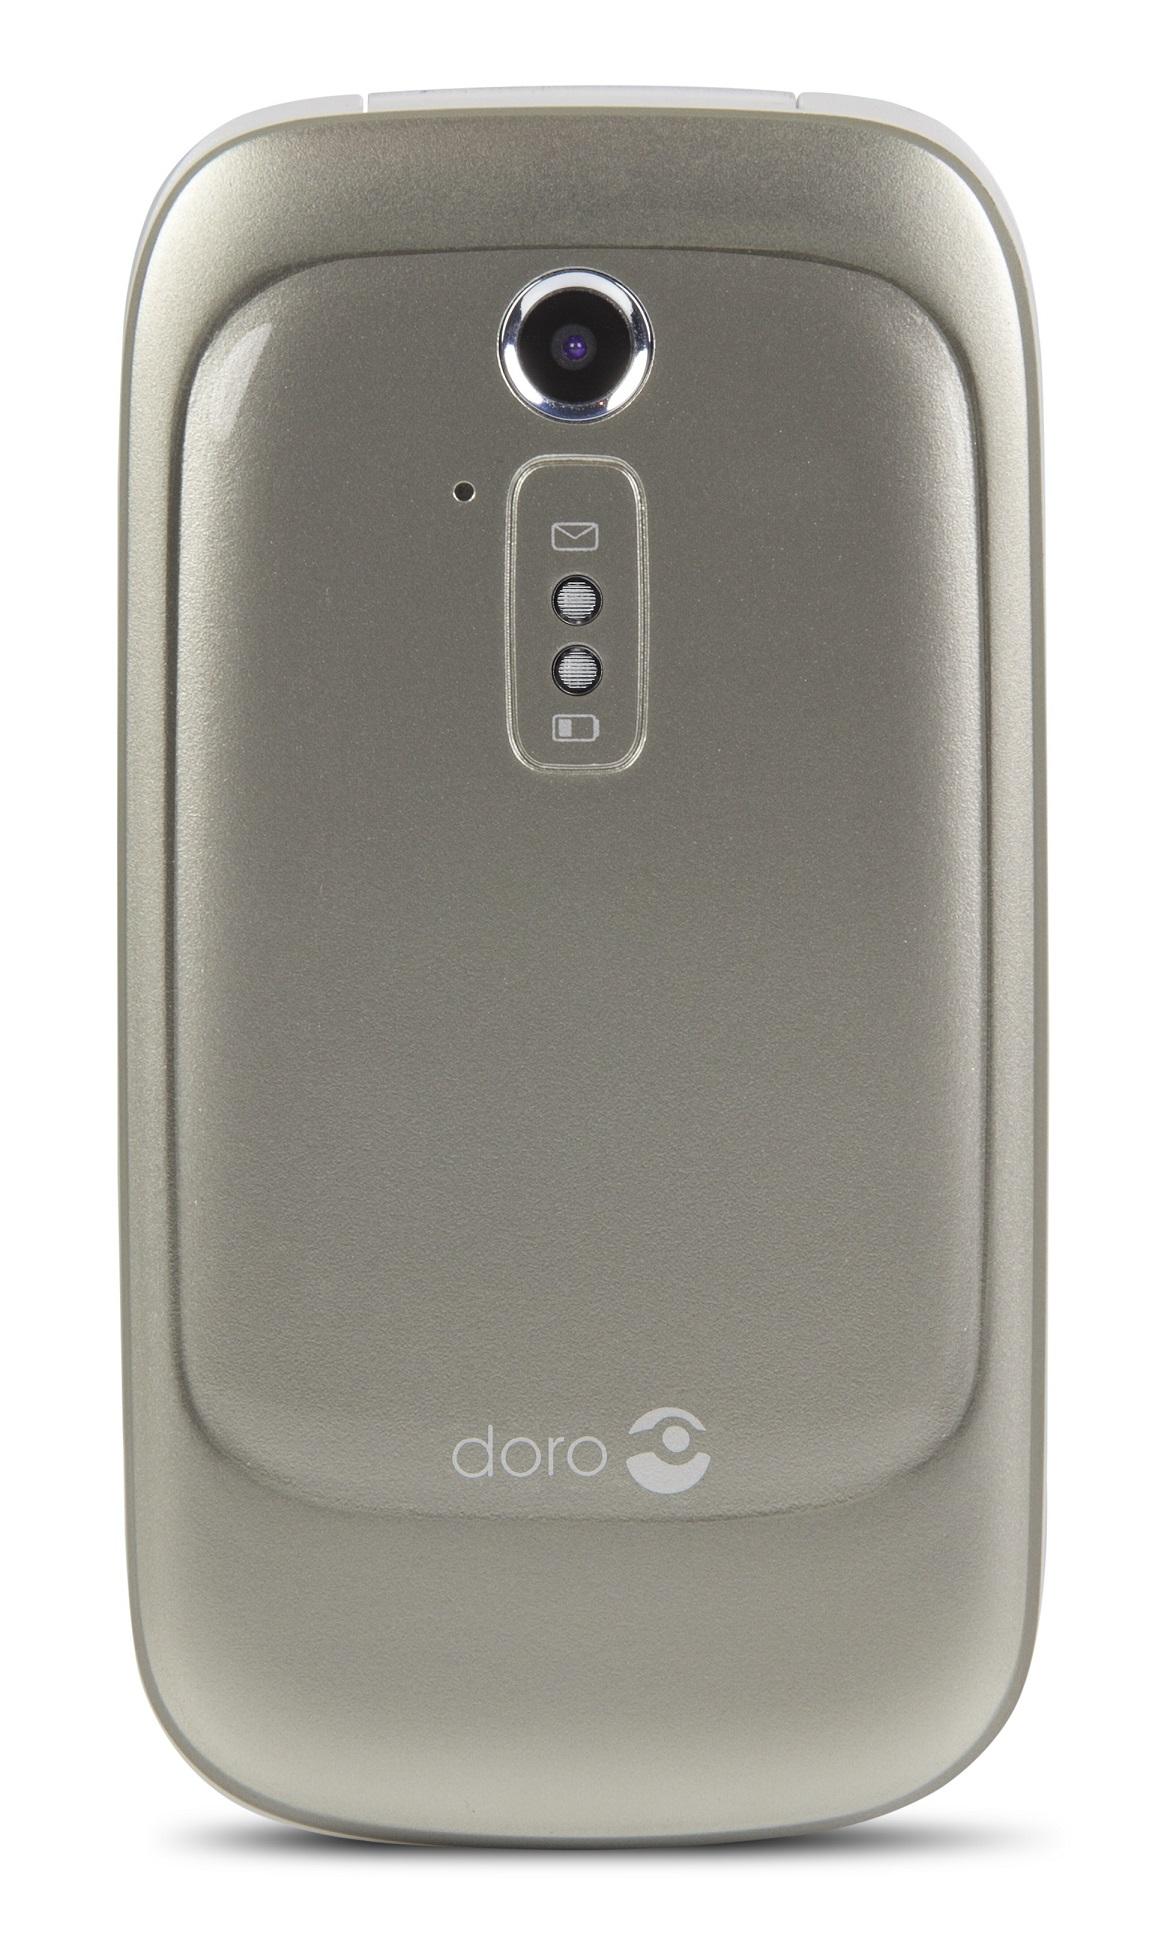 Doro 6520 - Champagne & White_b